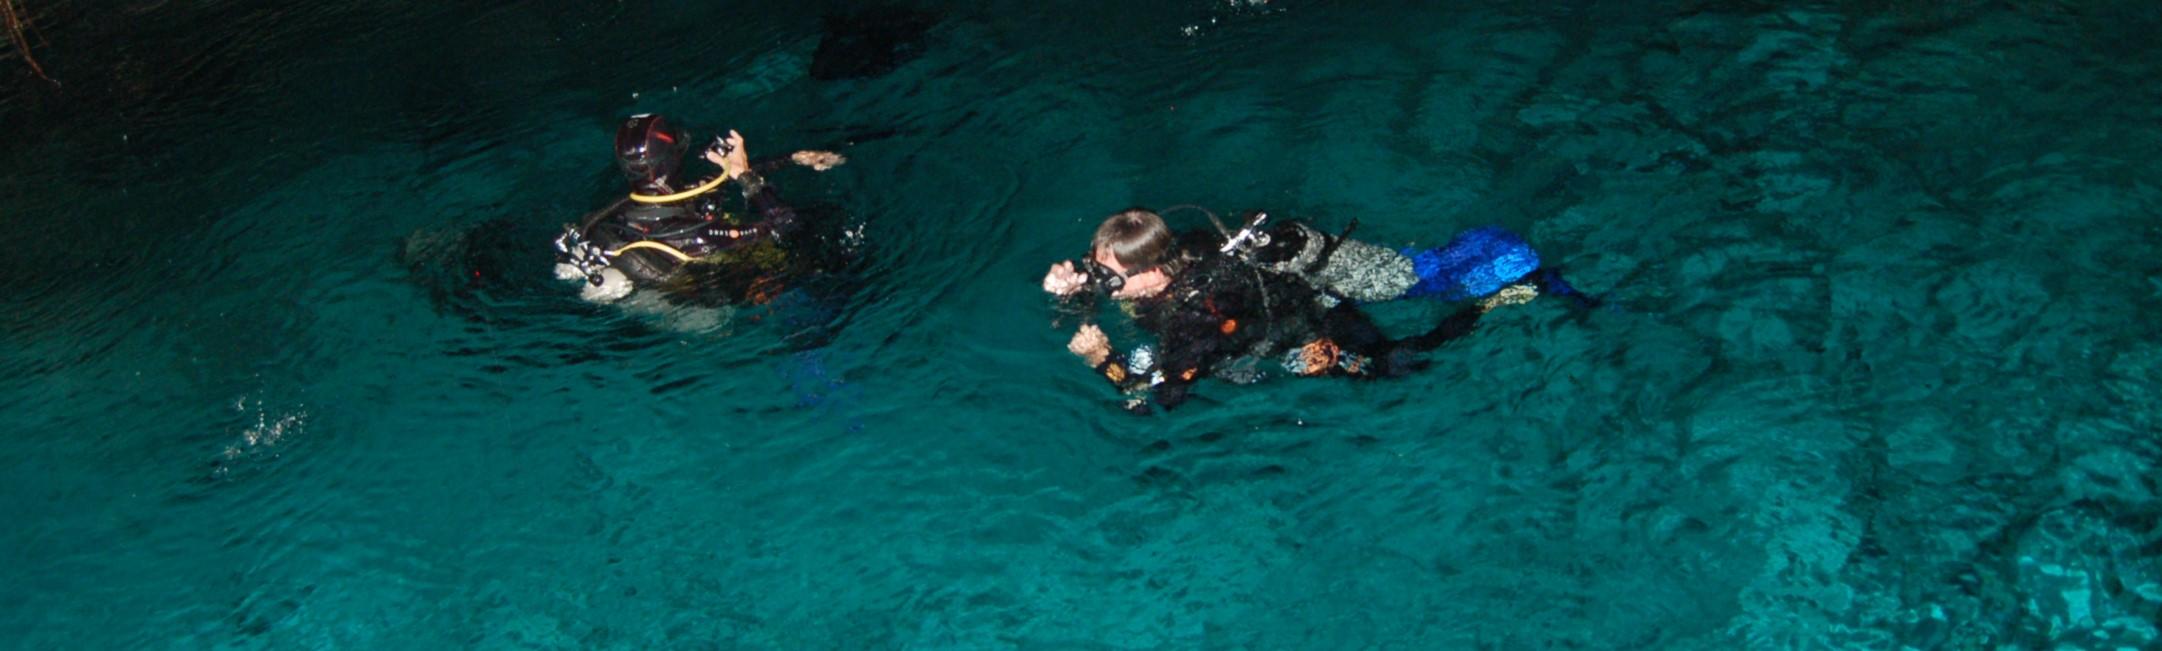 two divers descend into Dos Ojos cave, Yucatan